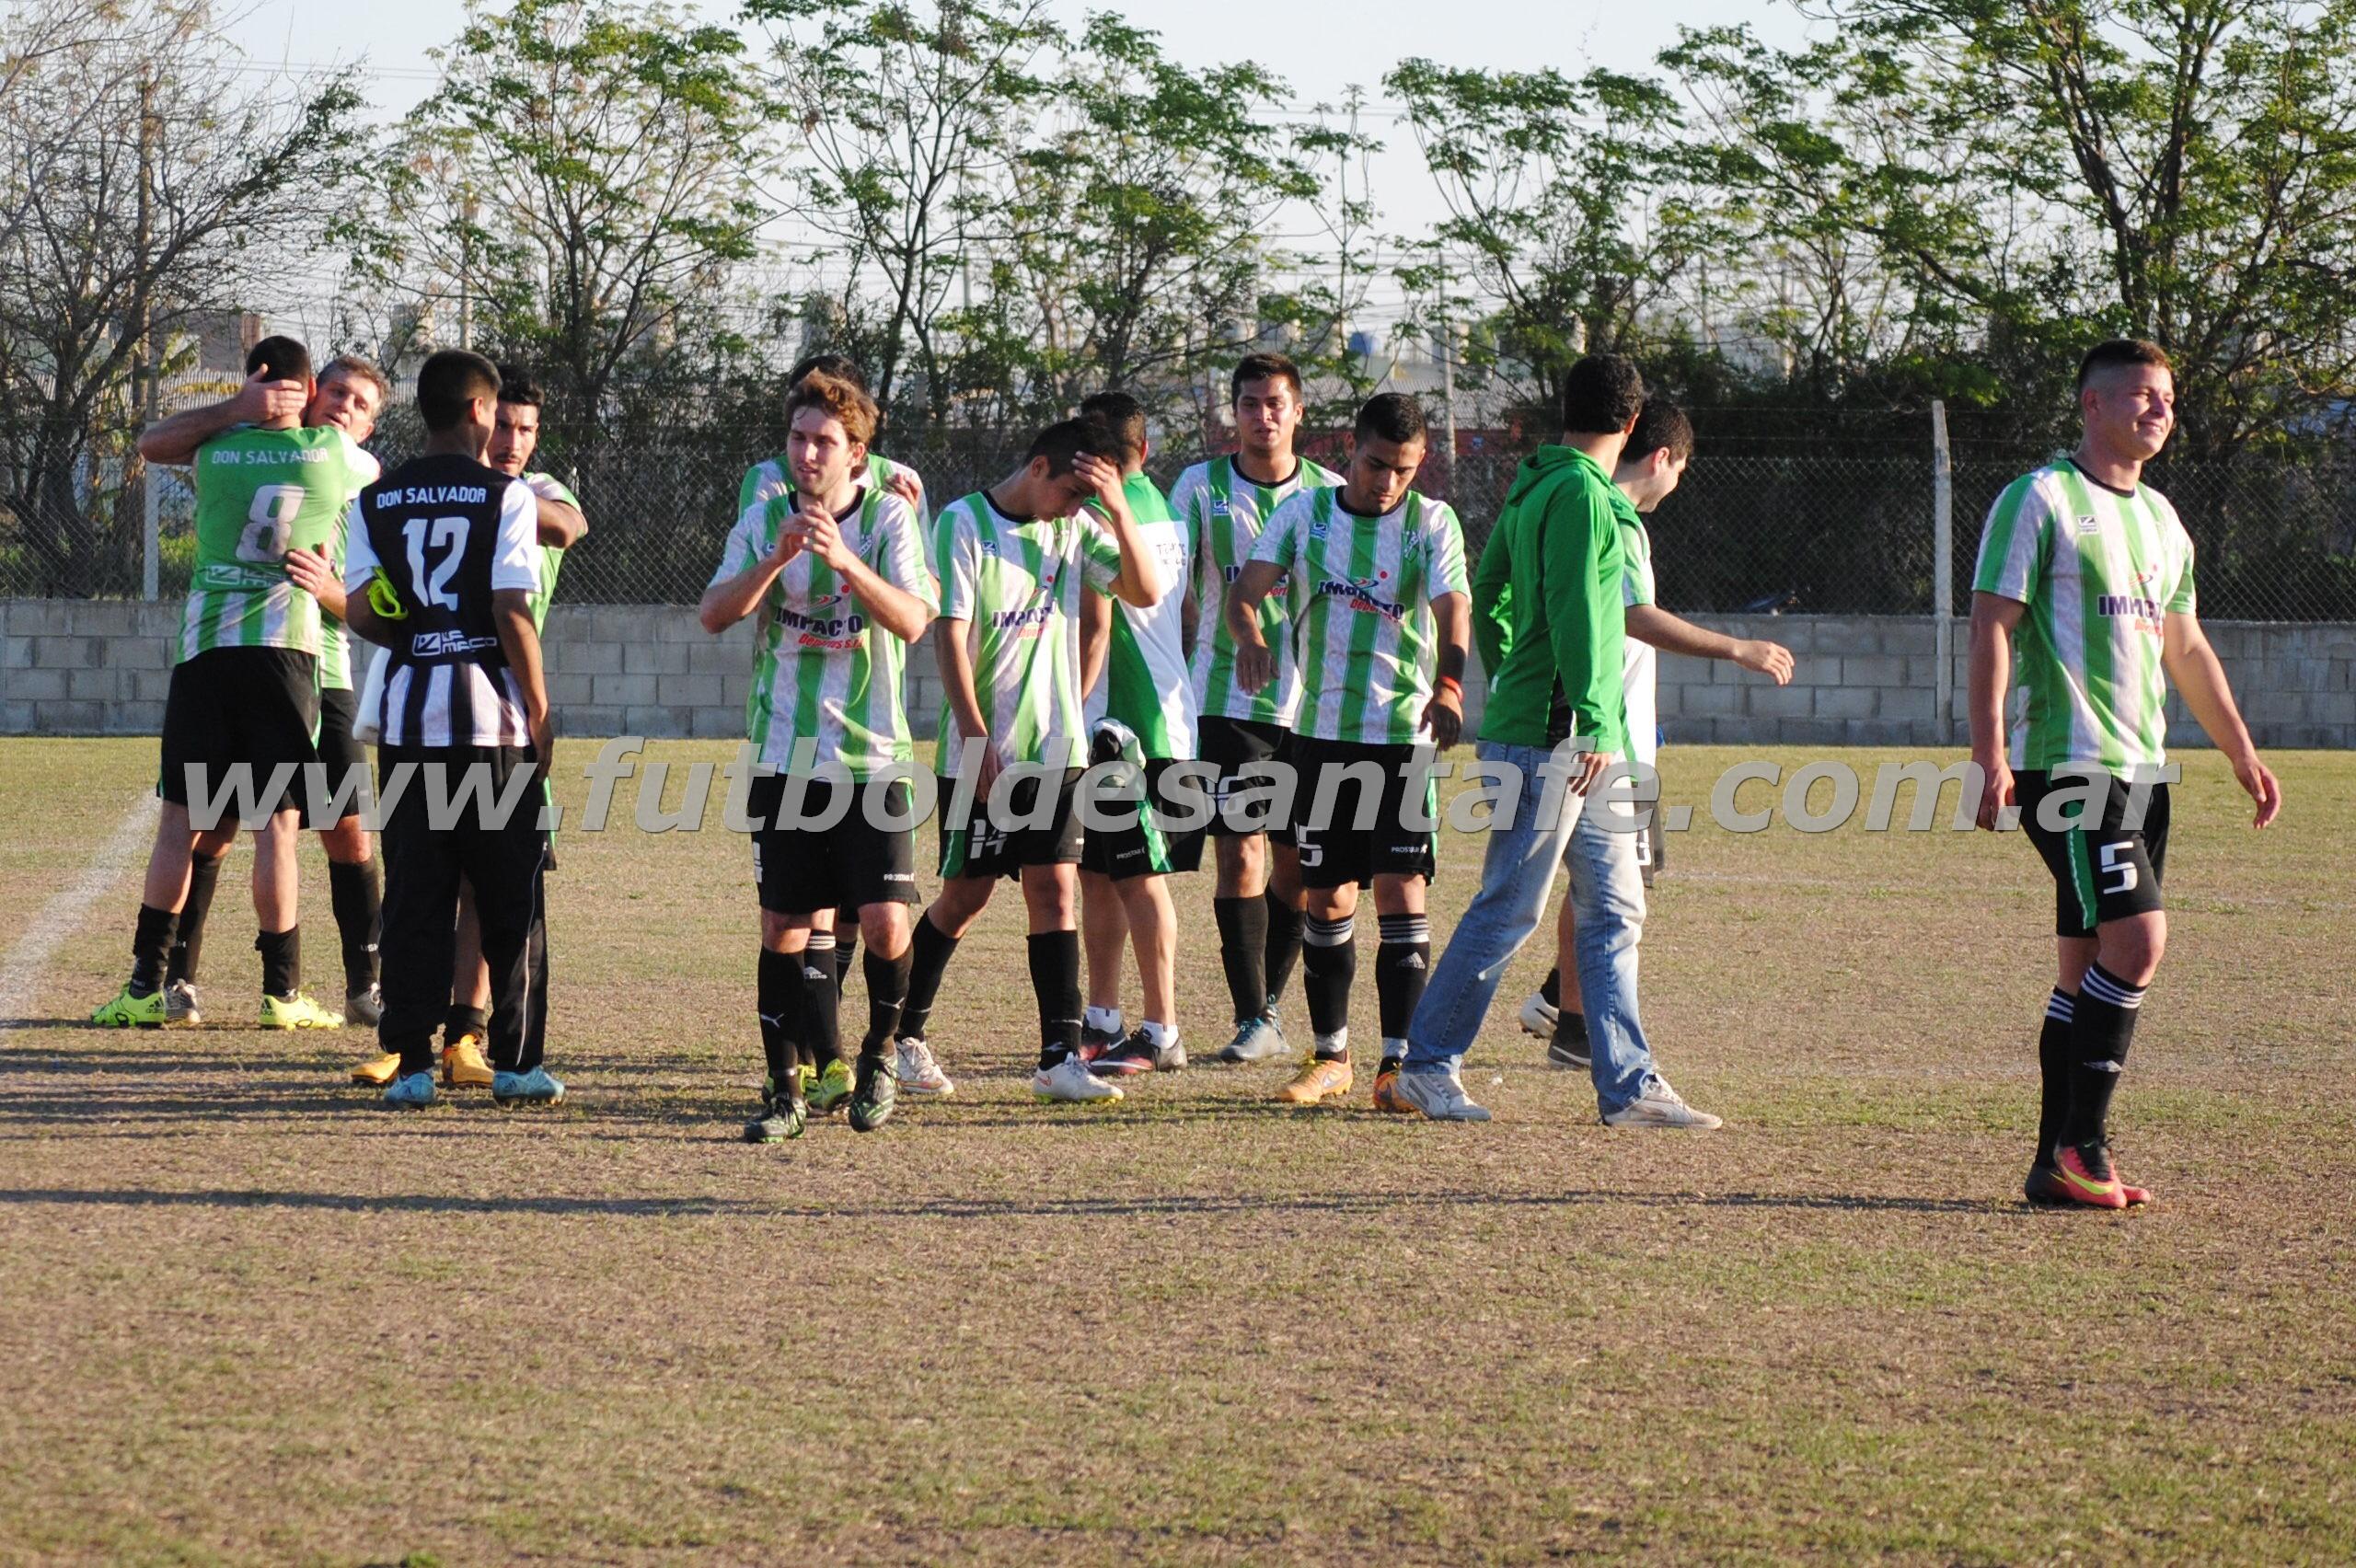 Don Salvador consiguió el primer triunfo en la zona campeonato. Foto: Julián Andrés Monzón.